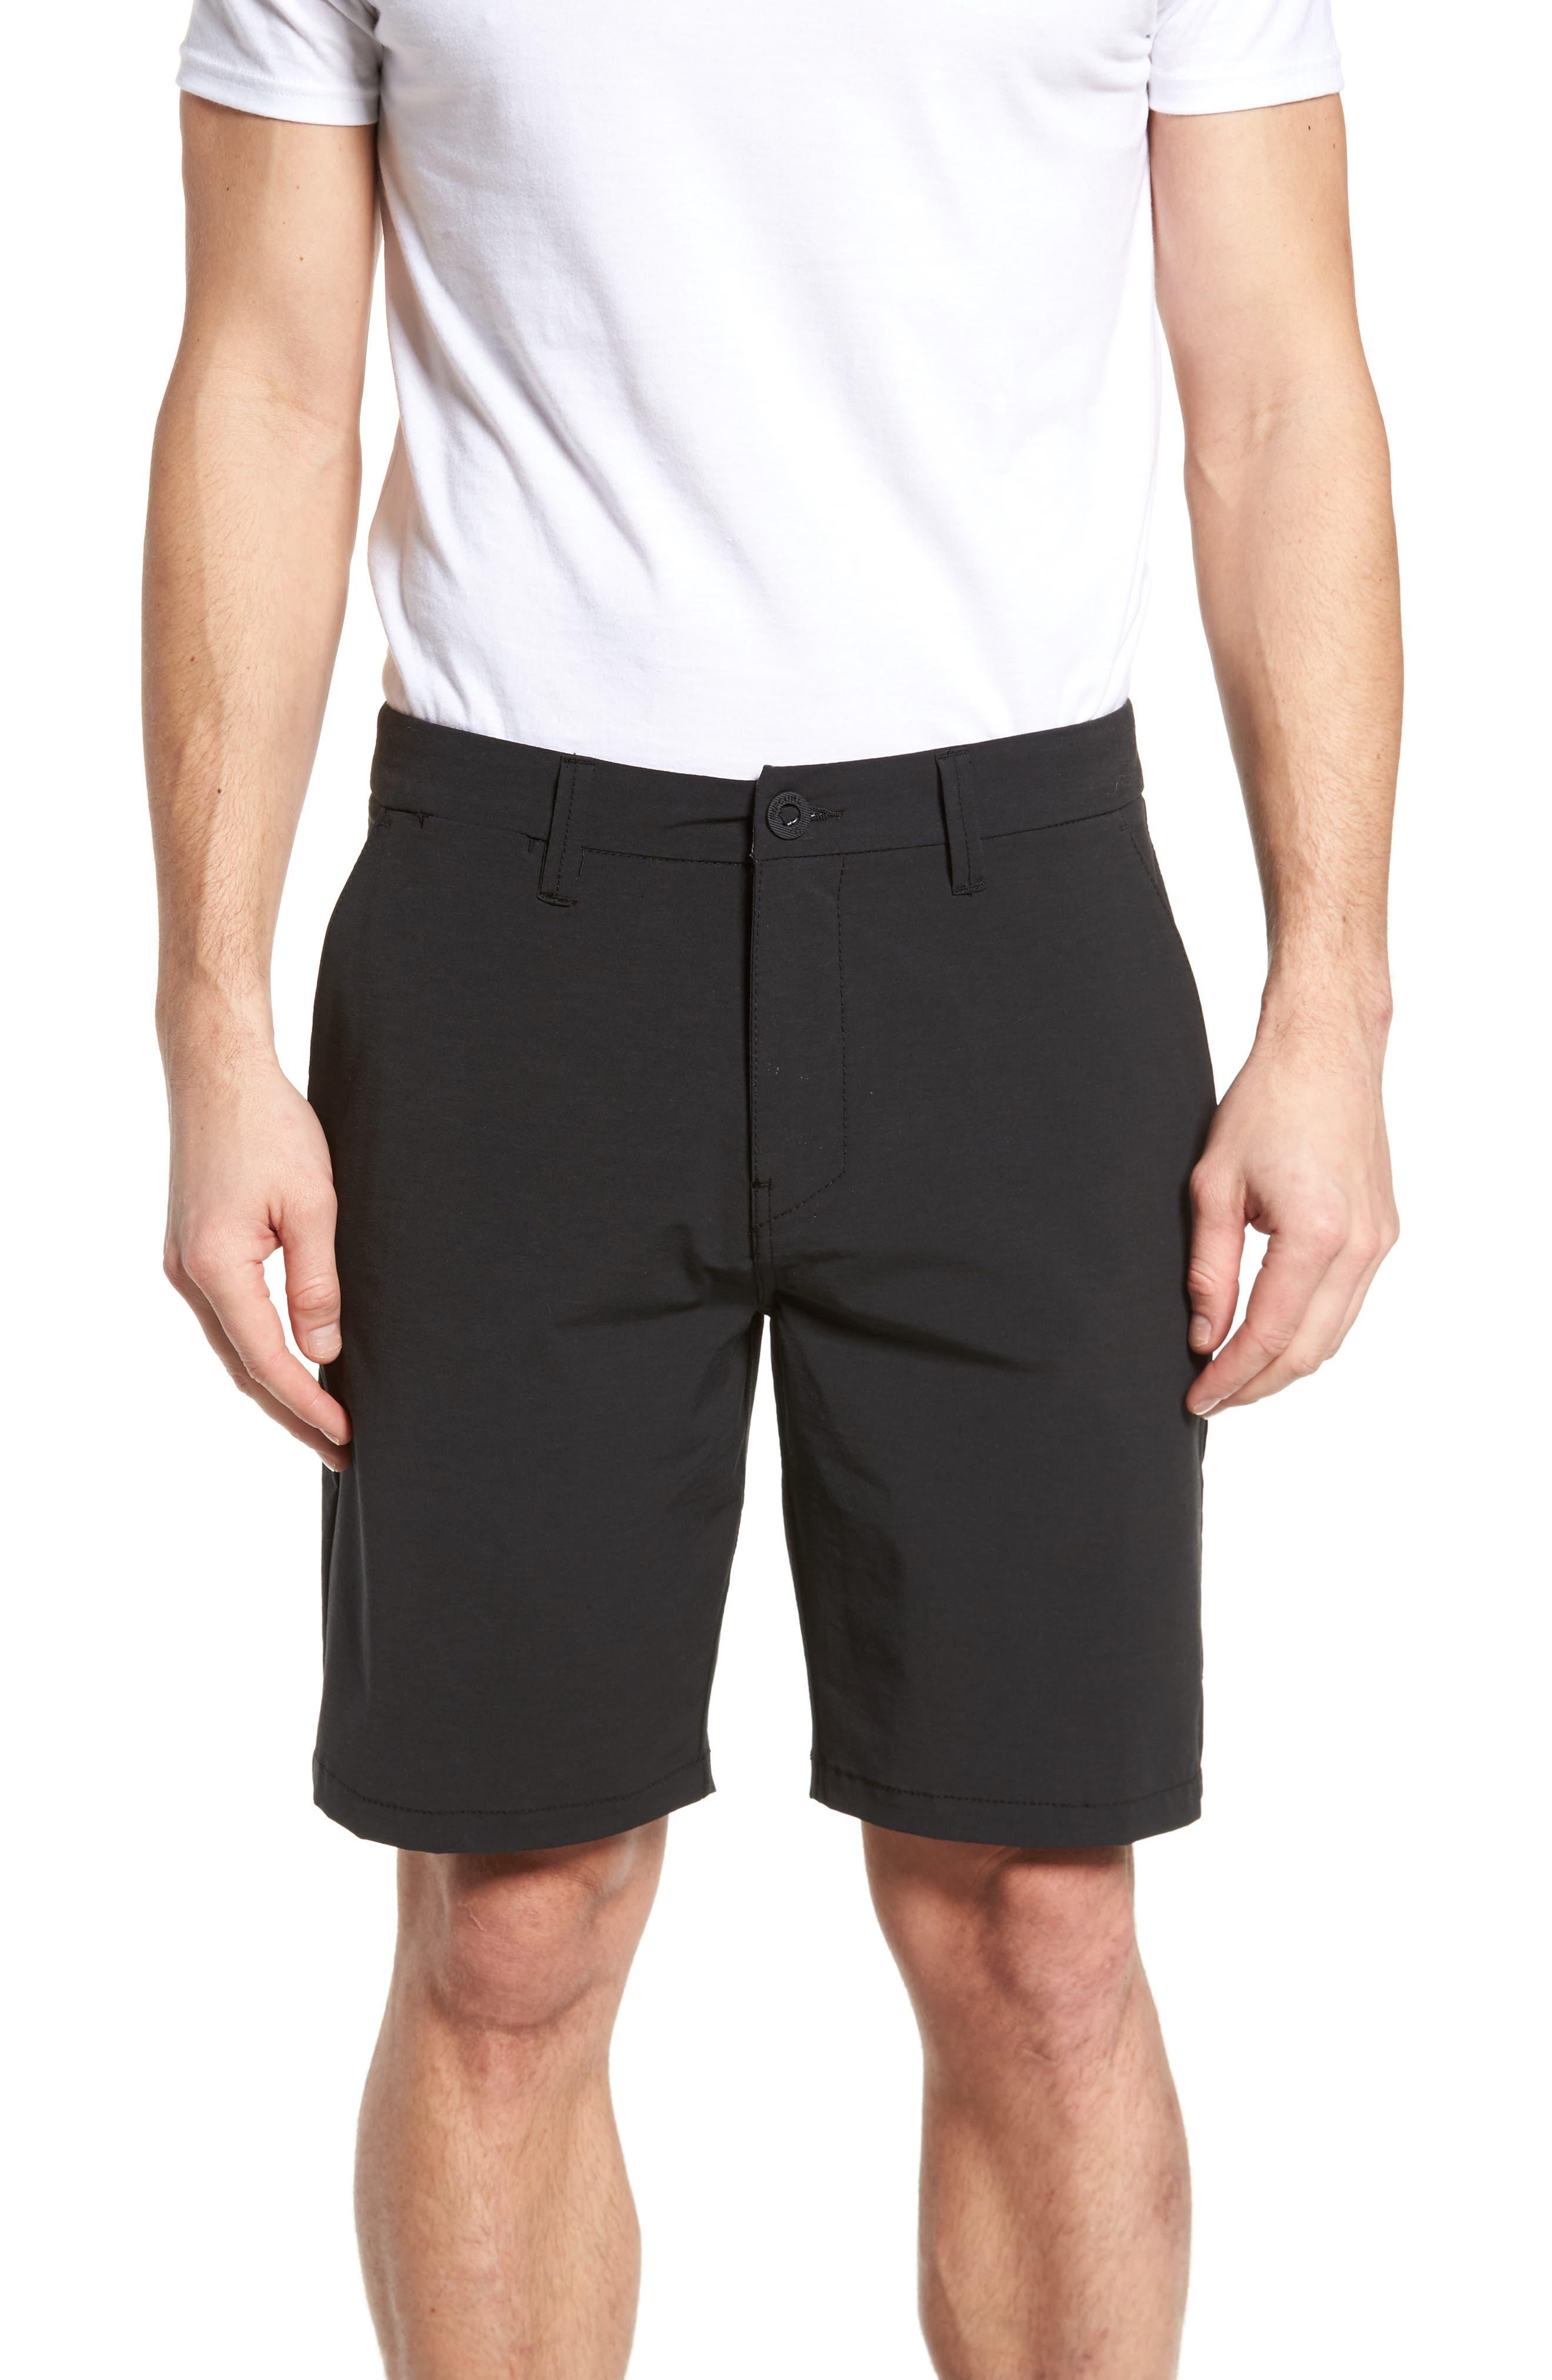 Mirage Records Boardwalk Shorts,                             Main thumbnail 1, color,                             Grey